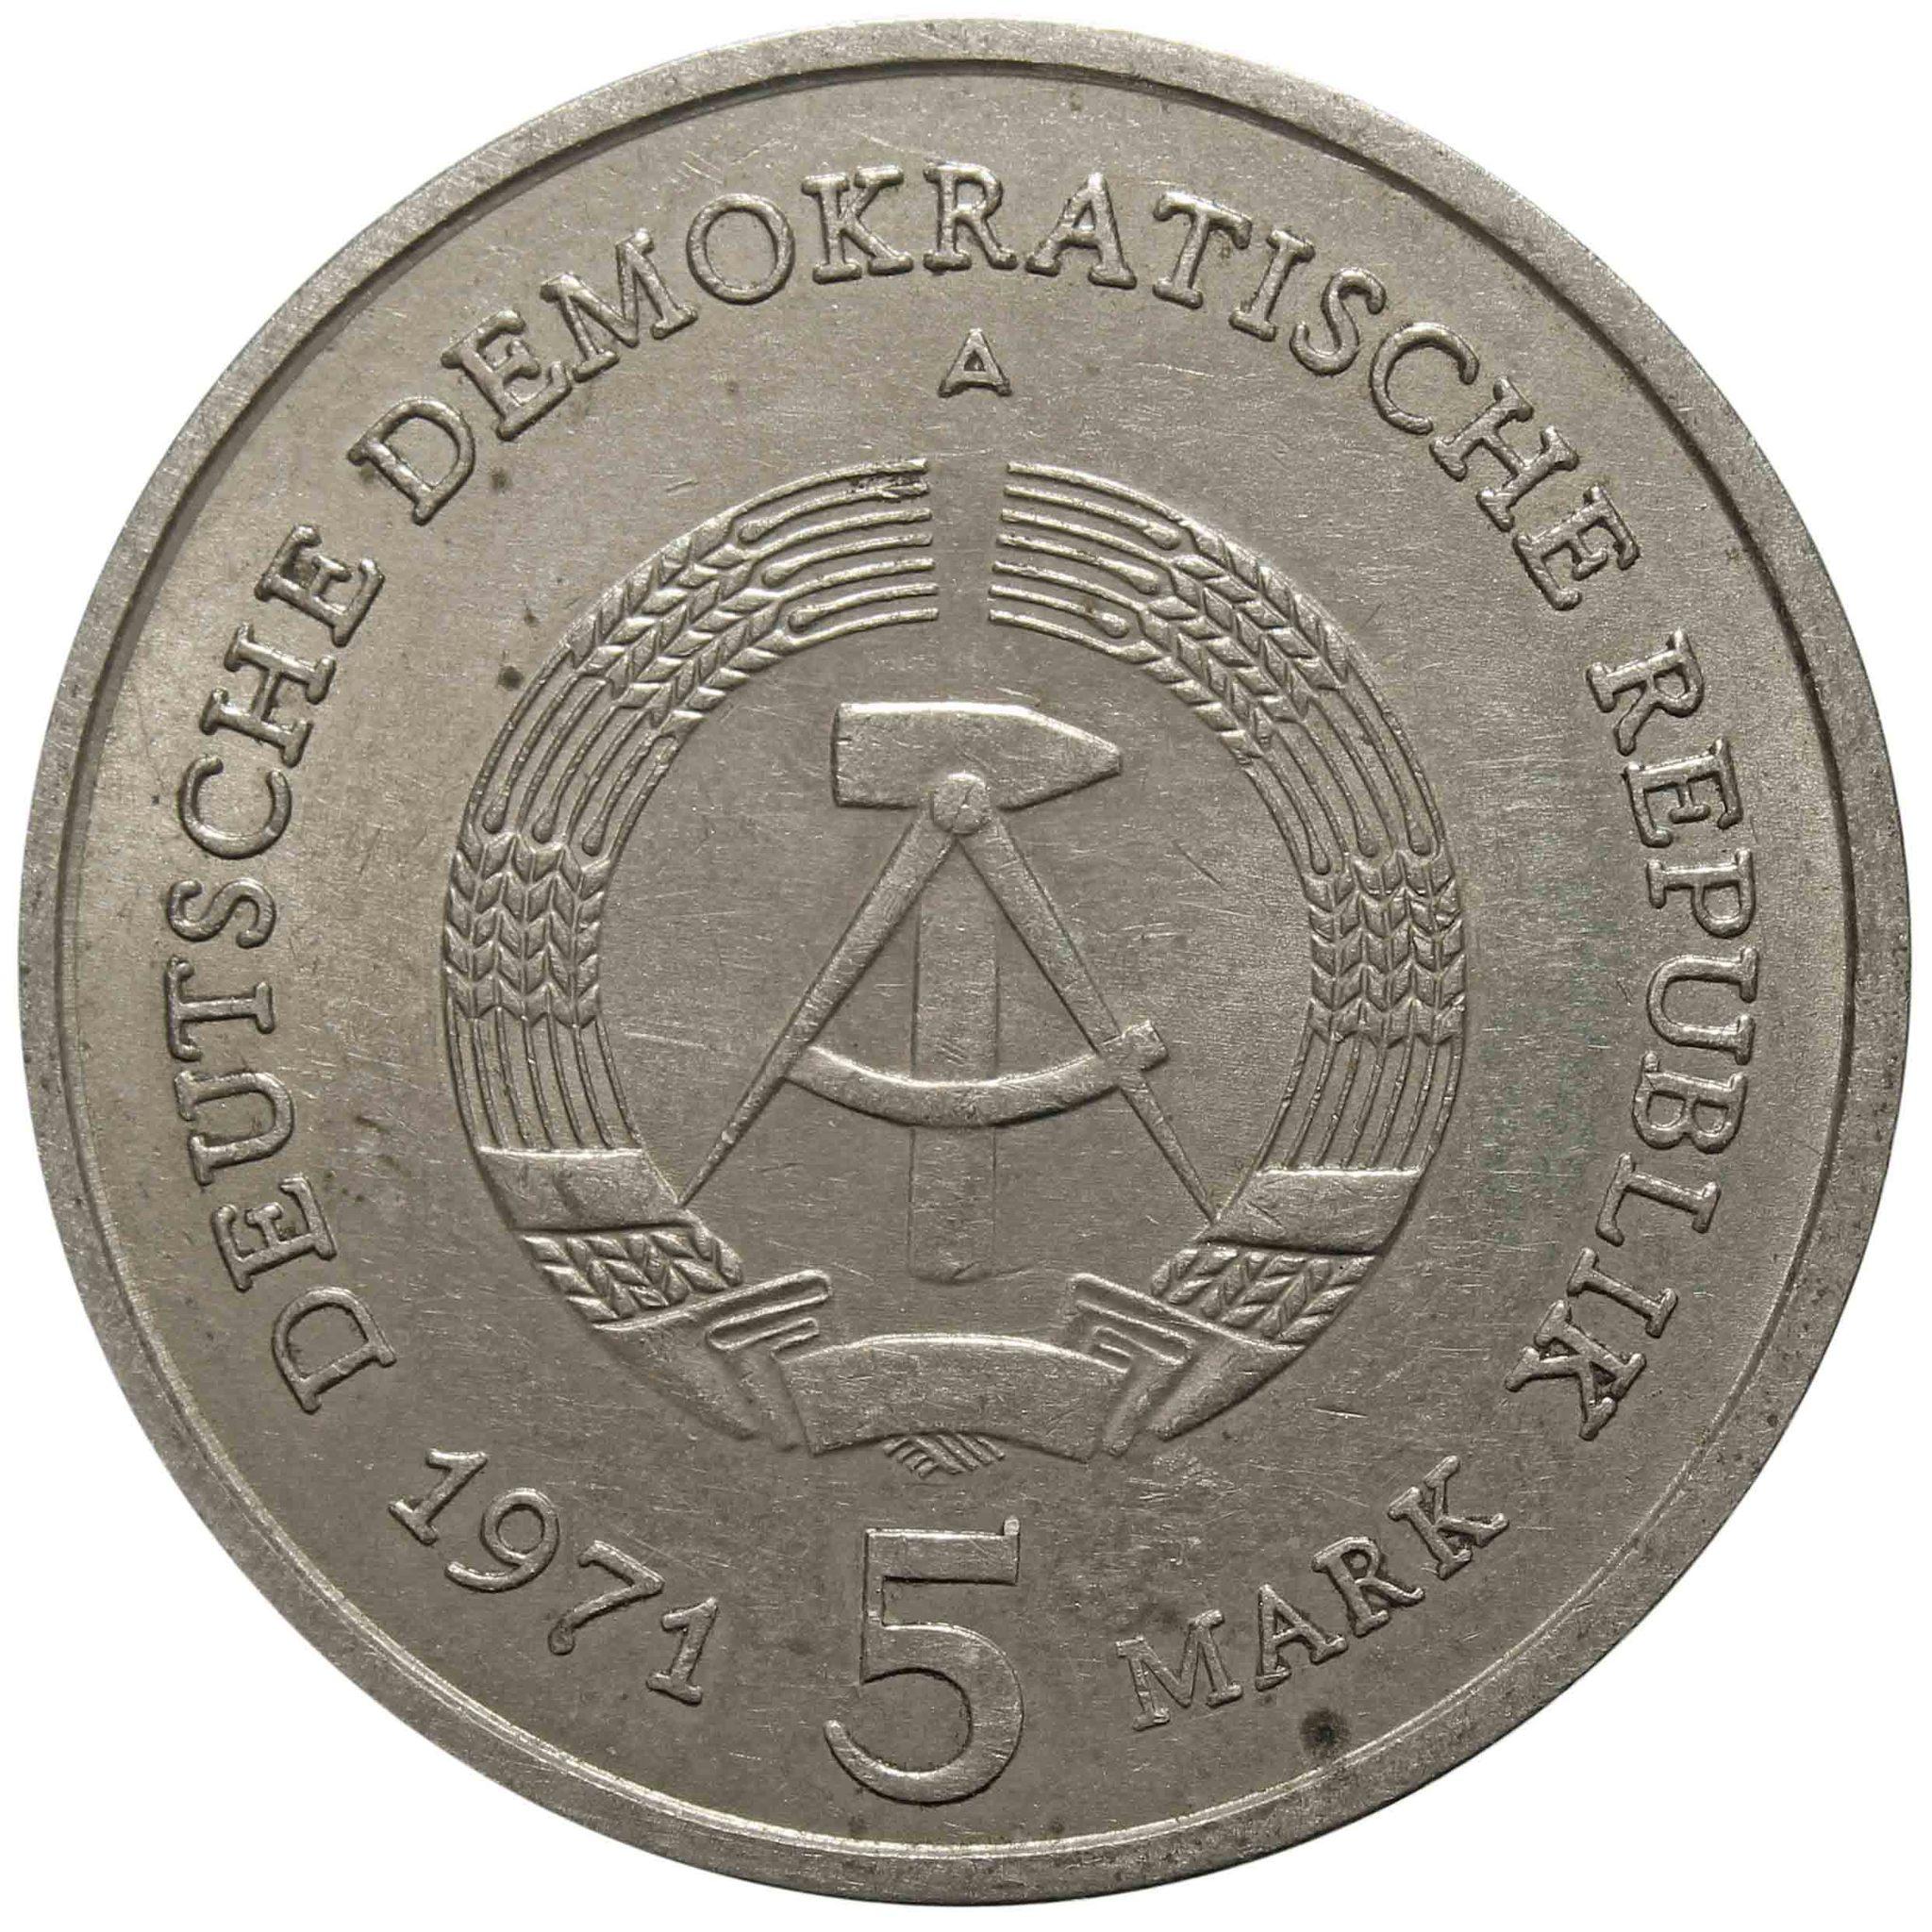 5 марок. Бранденбургские Ворота. (A). Германия-ГДР. Медноникель. 1971 год. XF